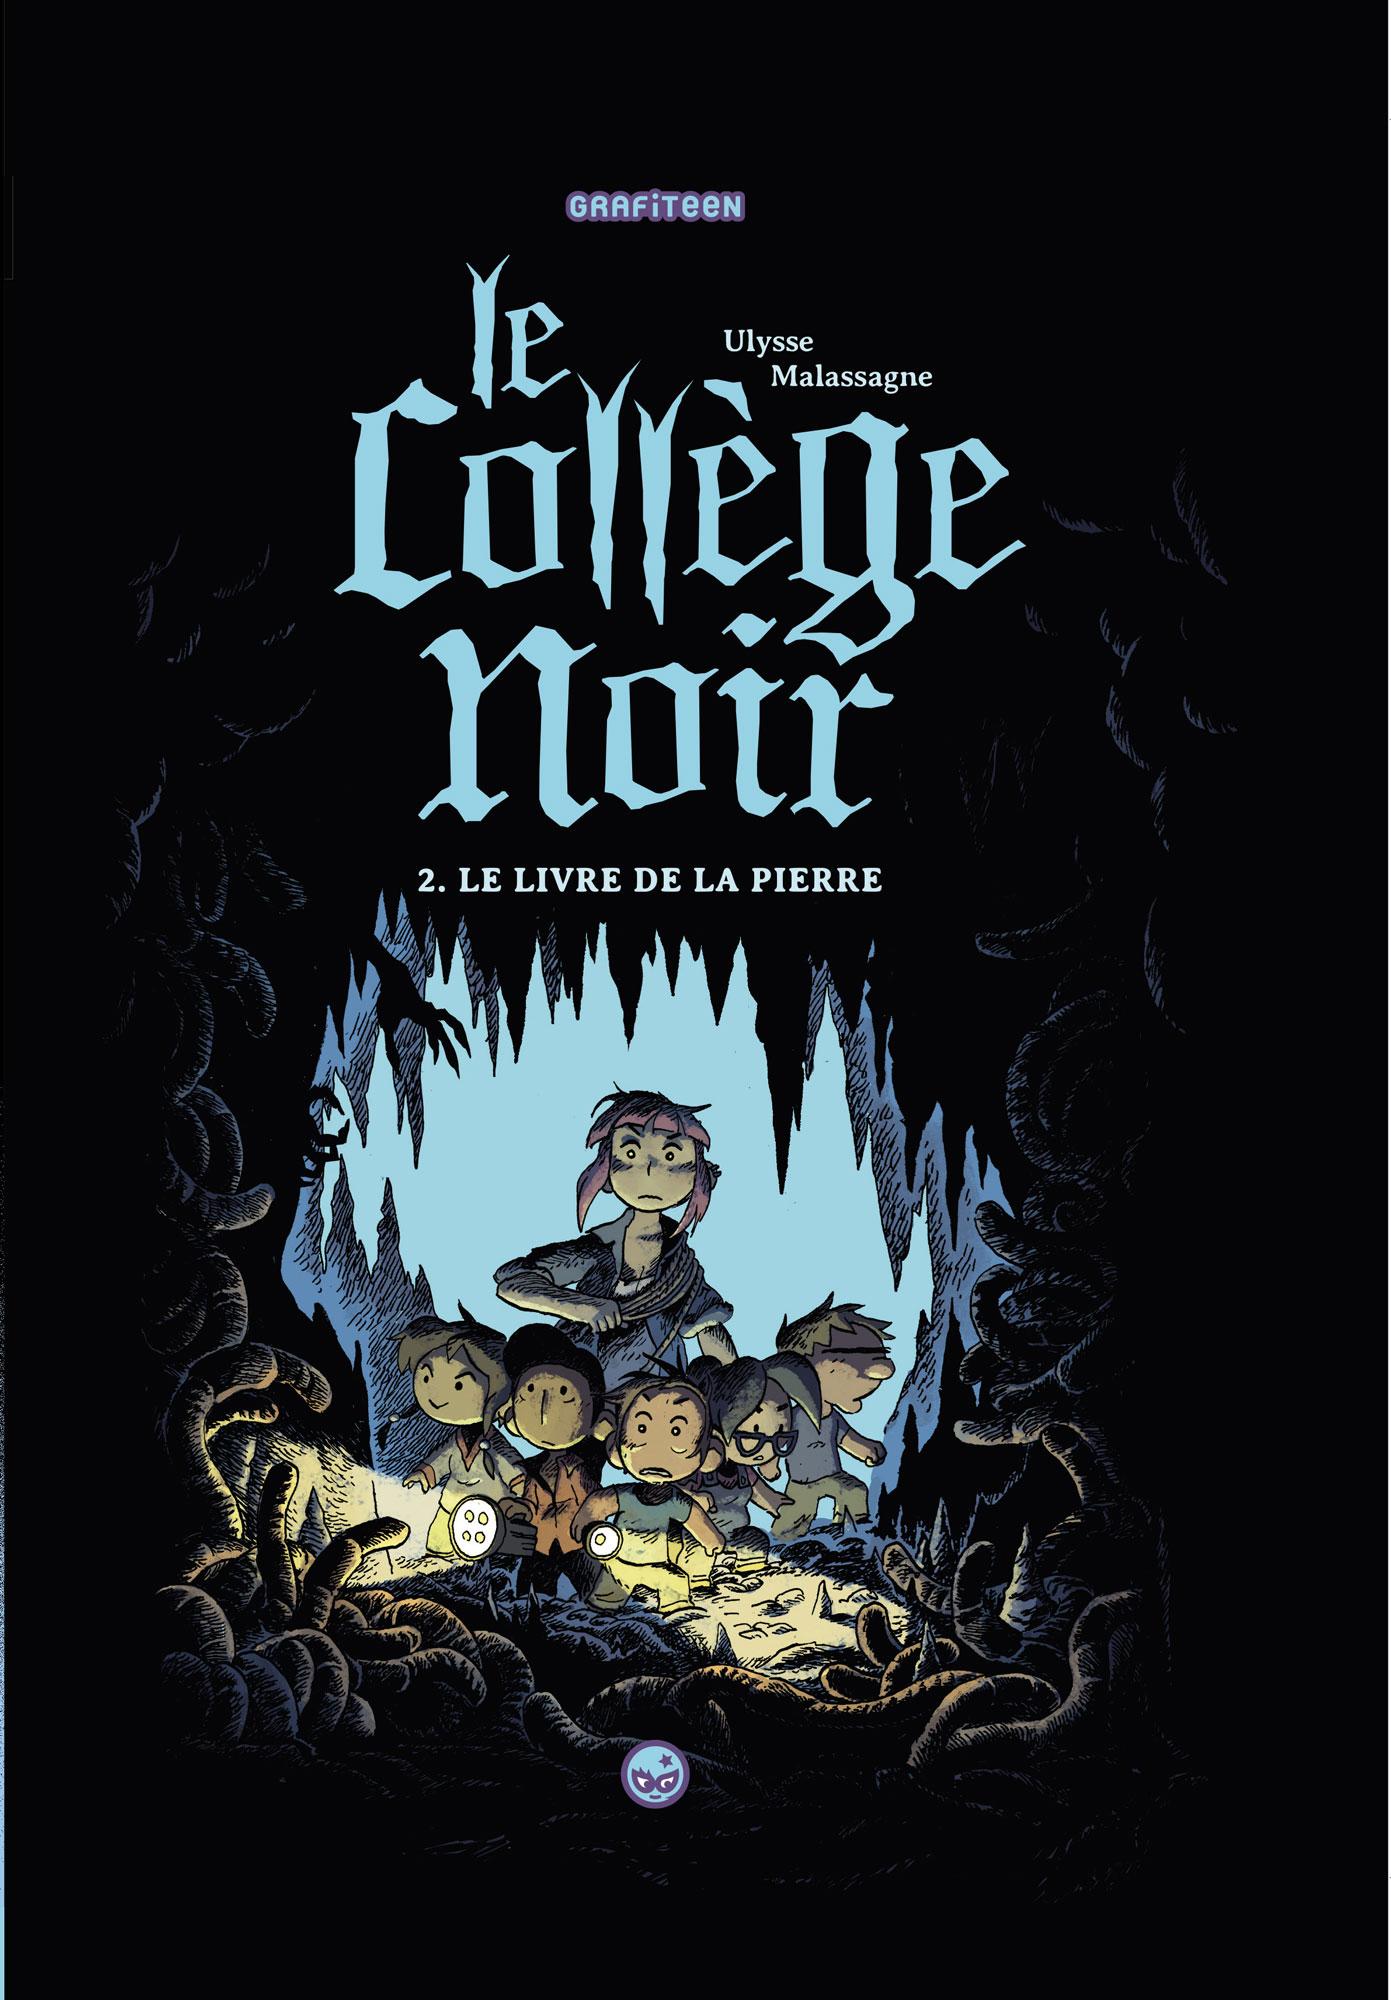 le_college_noir_2_couv